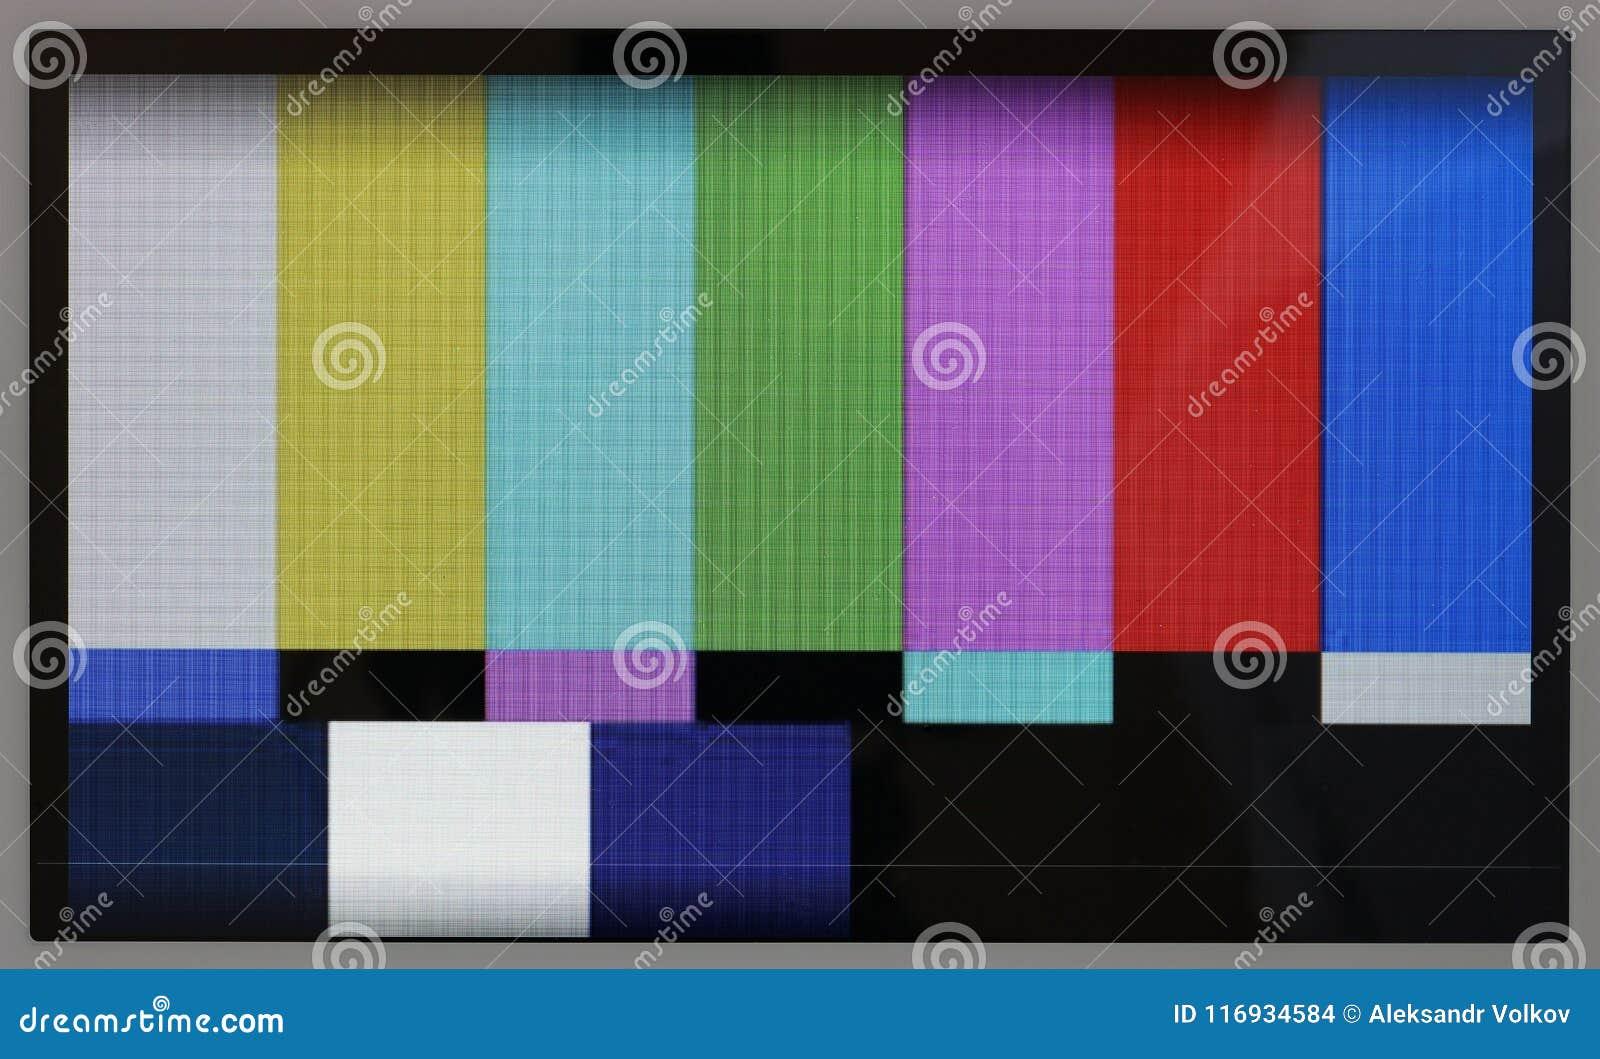 Το σχέδιο δοκιμής των γραμμών έγχρωμης τηλεόρασης στο αριθ. ονομάζει το σύγχρονο TA